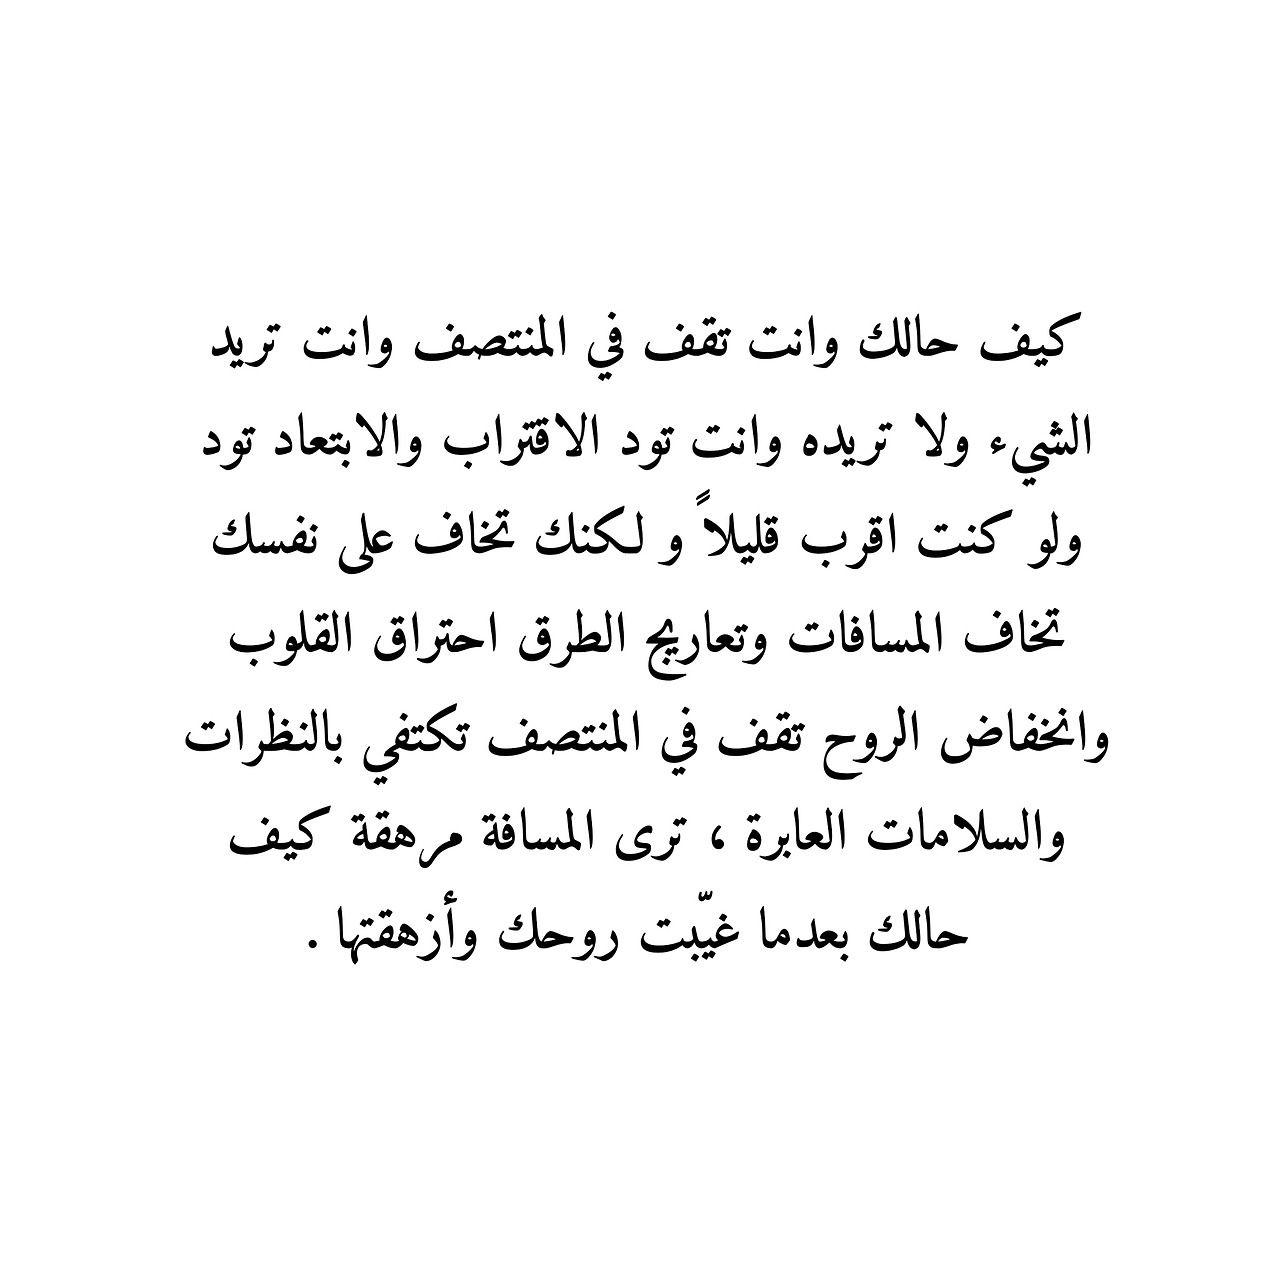 مجموعة اقتباسات أدبية من كتب وروايات عربية وعالمية واقتباسات فلسفية عميقة وحكم ومواعظ واقتباسات قصيرة واقتباسات عن Words Quotes Wisdom Quotes Pretty Quotes